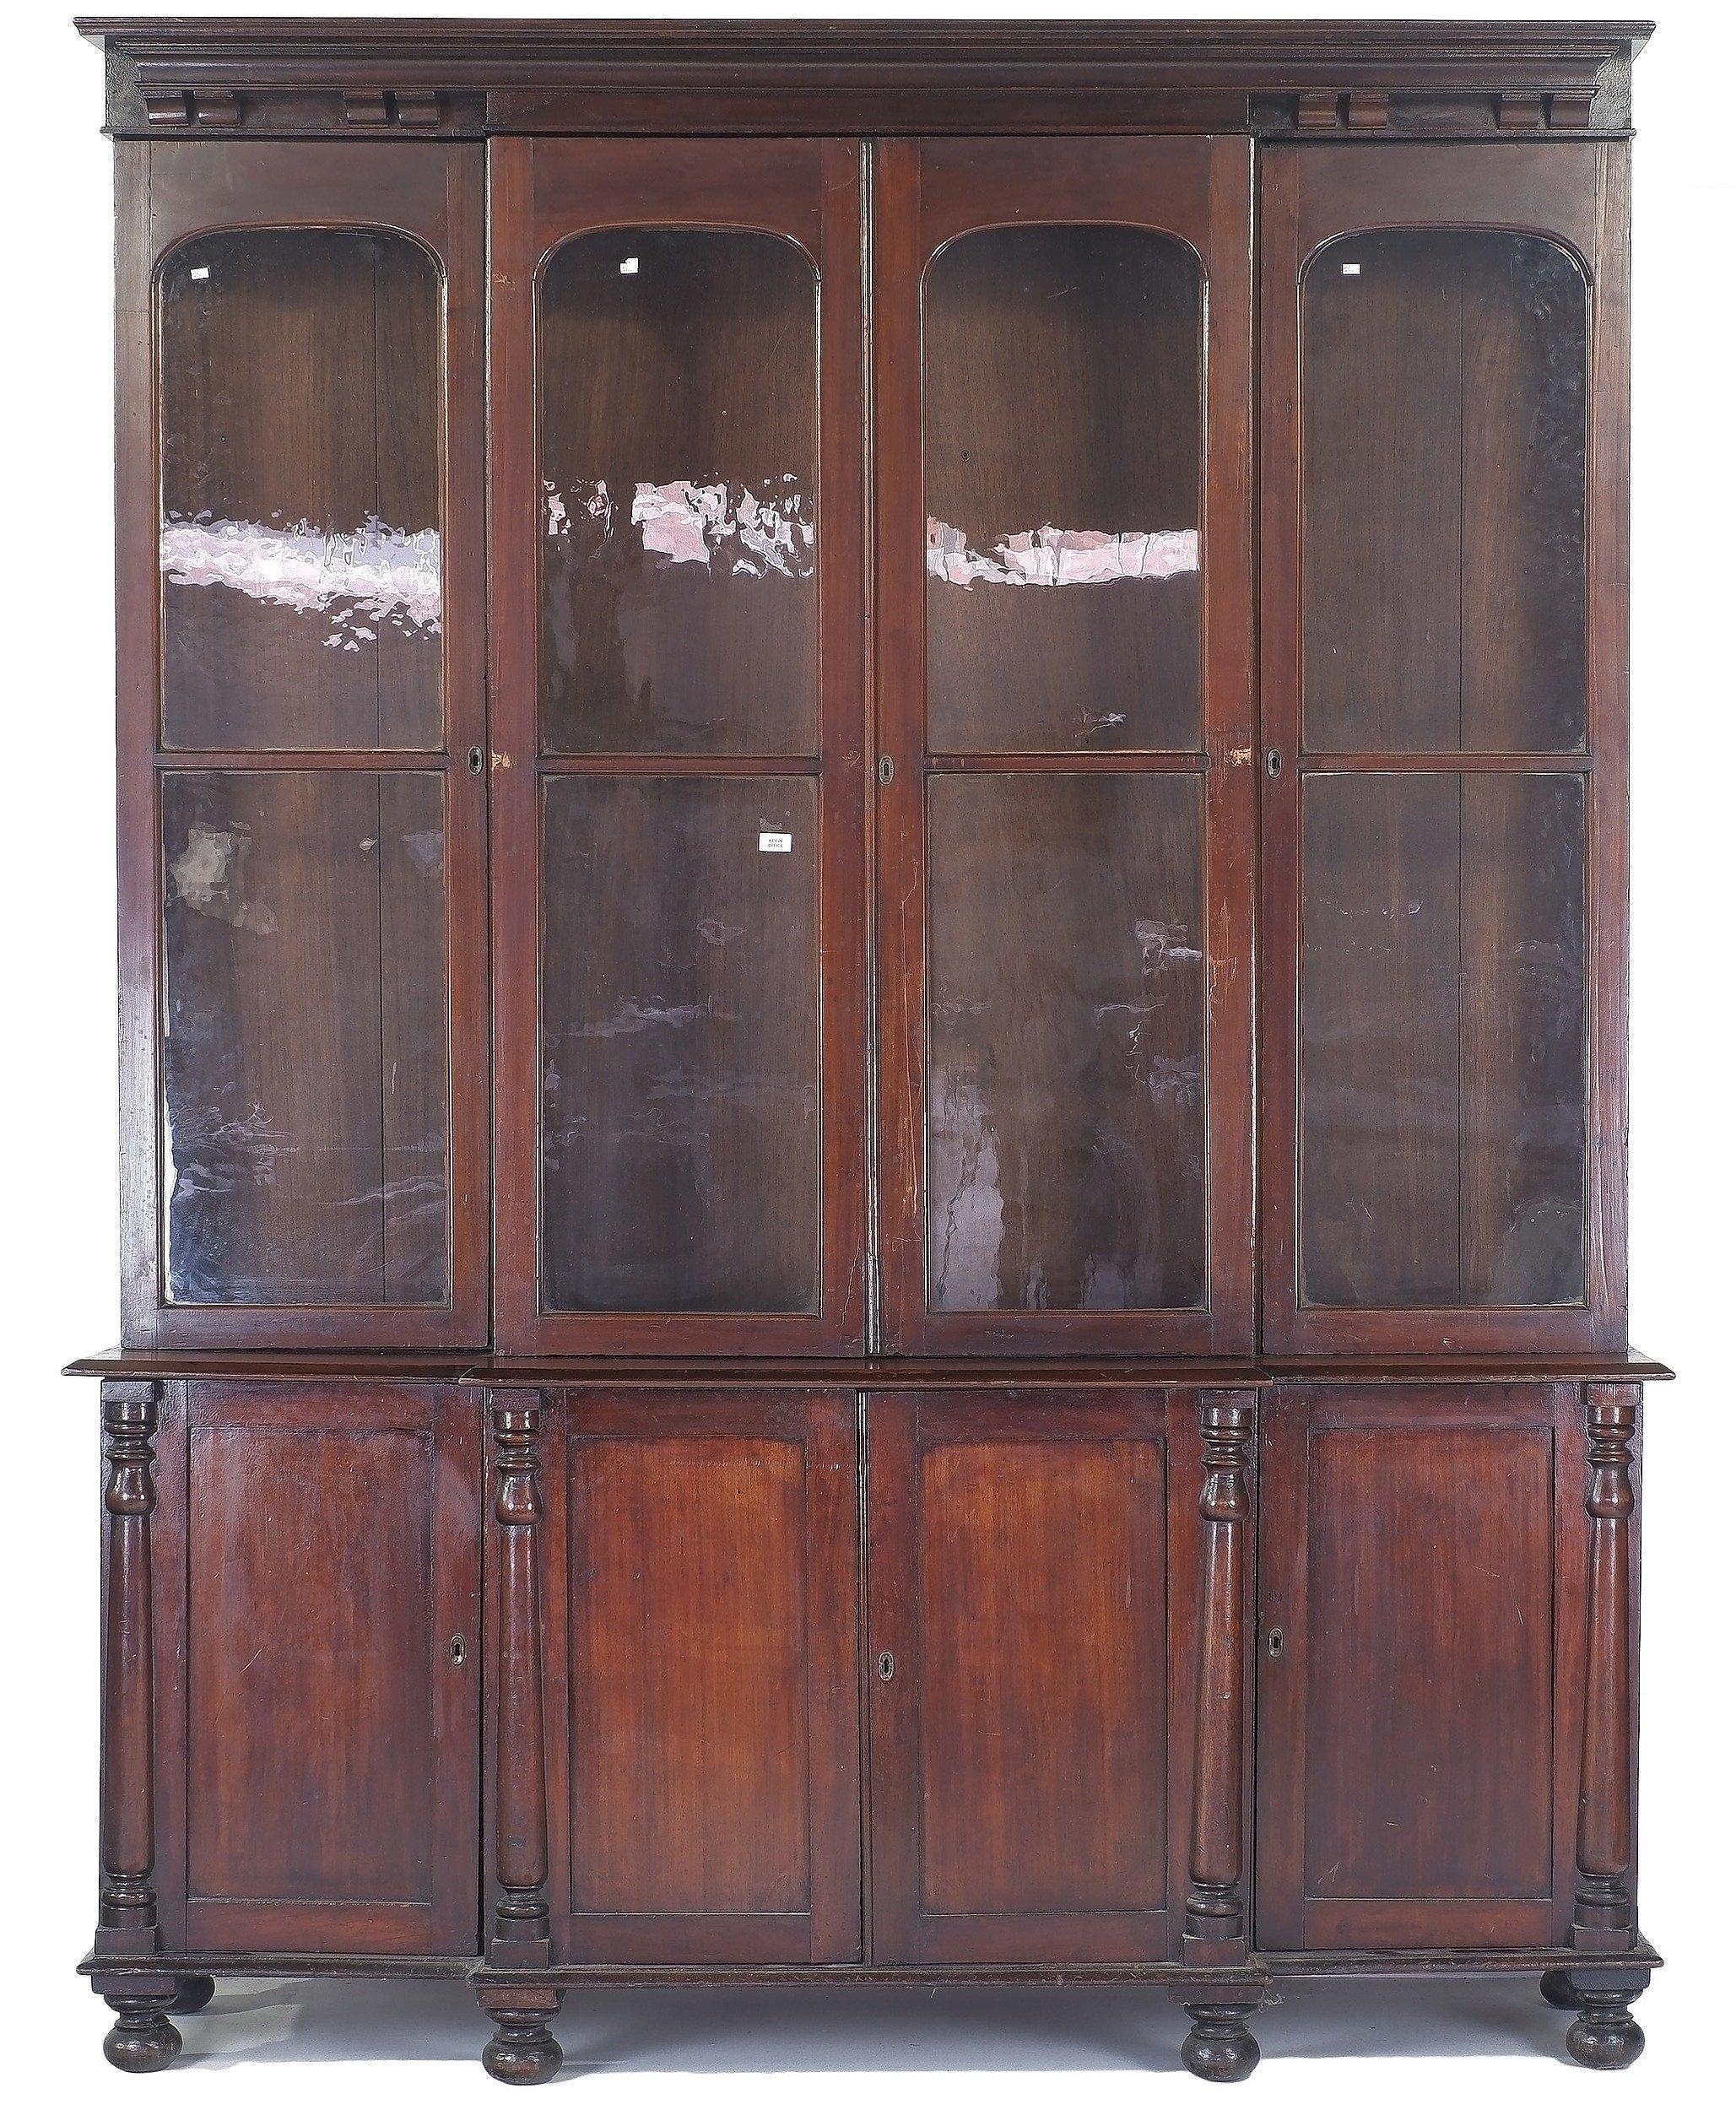 'Rare Australian Cedar Breakfront Library Bookcase Circa 1840-1850'